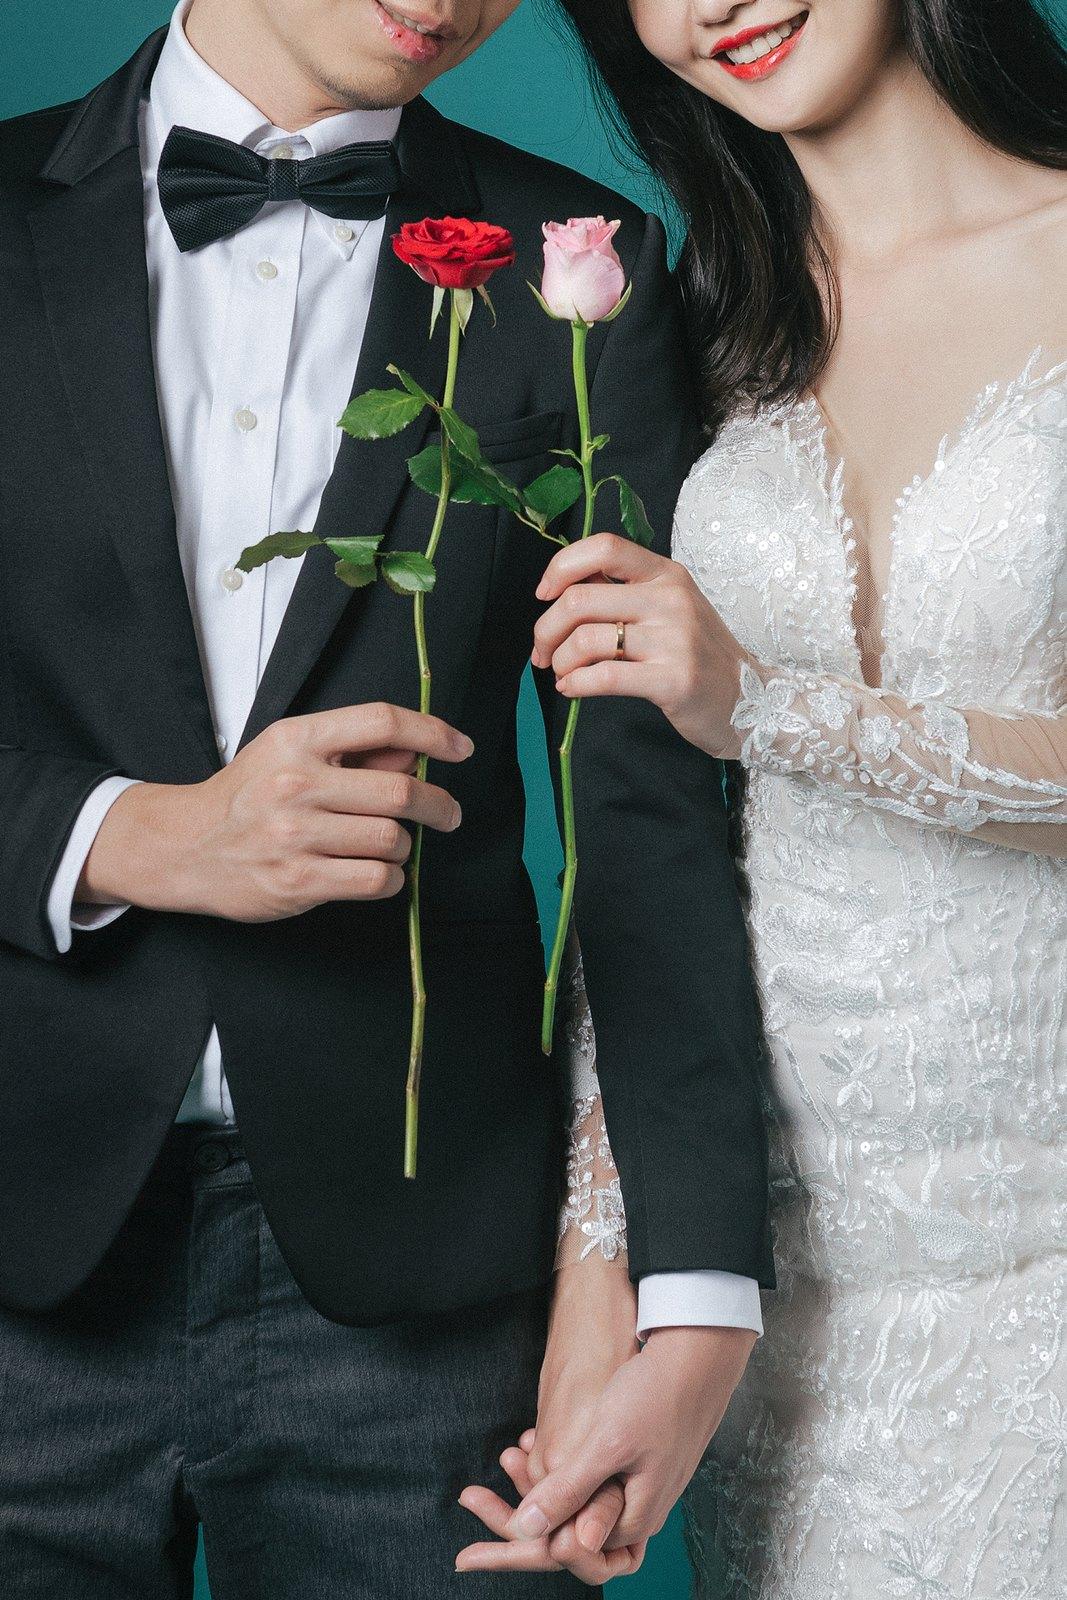 【婚紗】Vincent & Laura / 婚紗意象 / EASTERN WEDDING studio